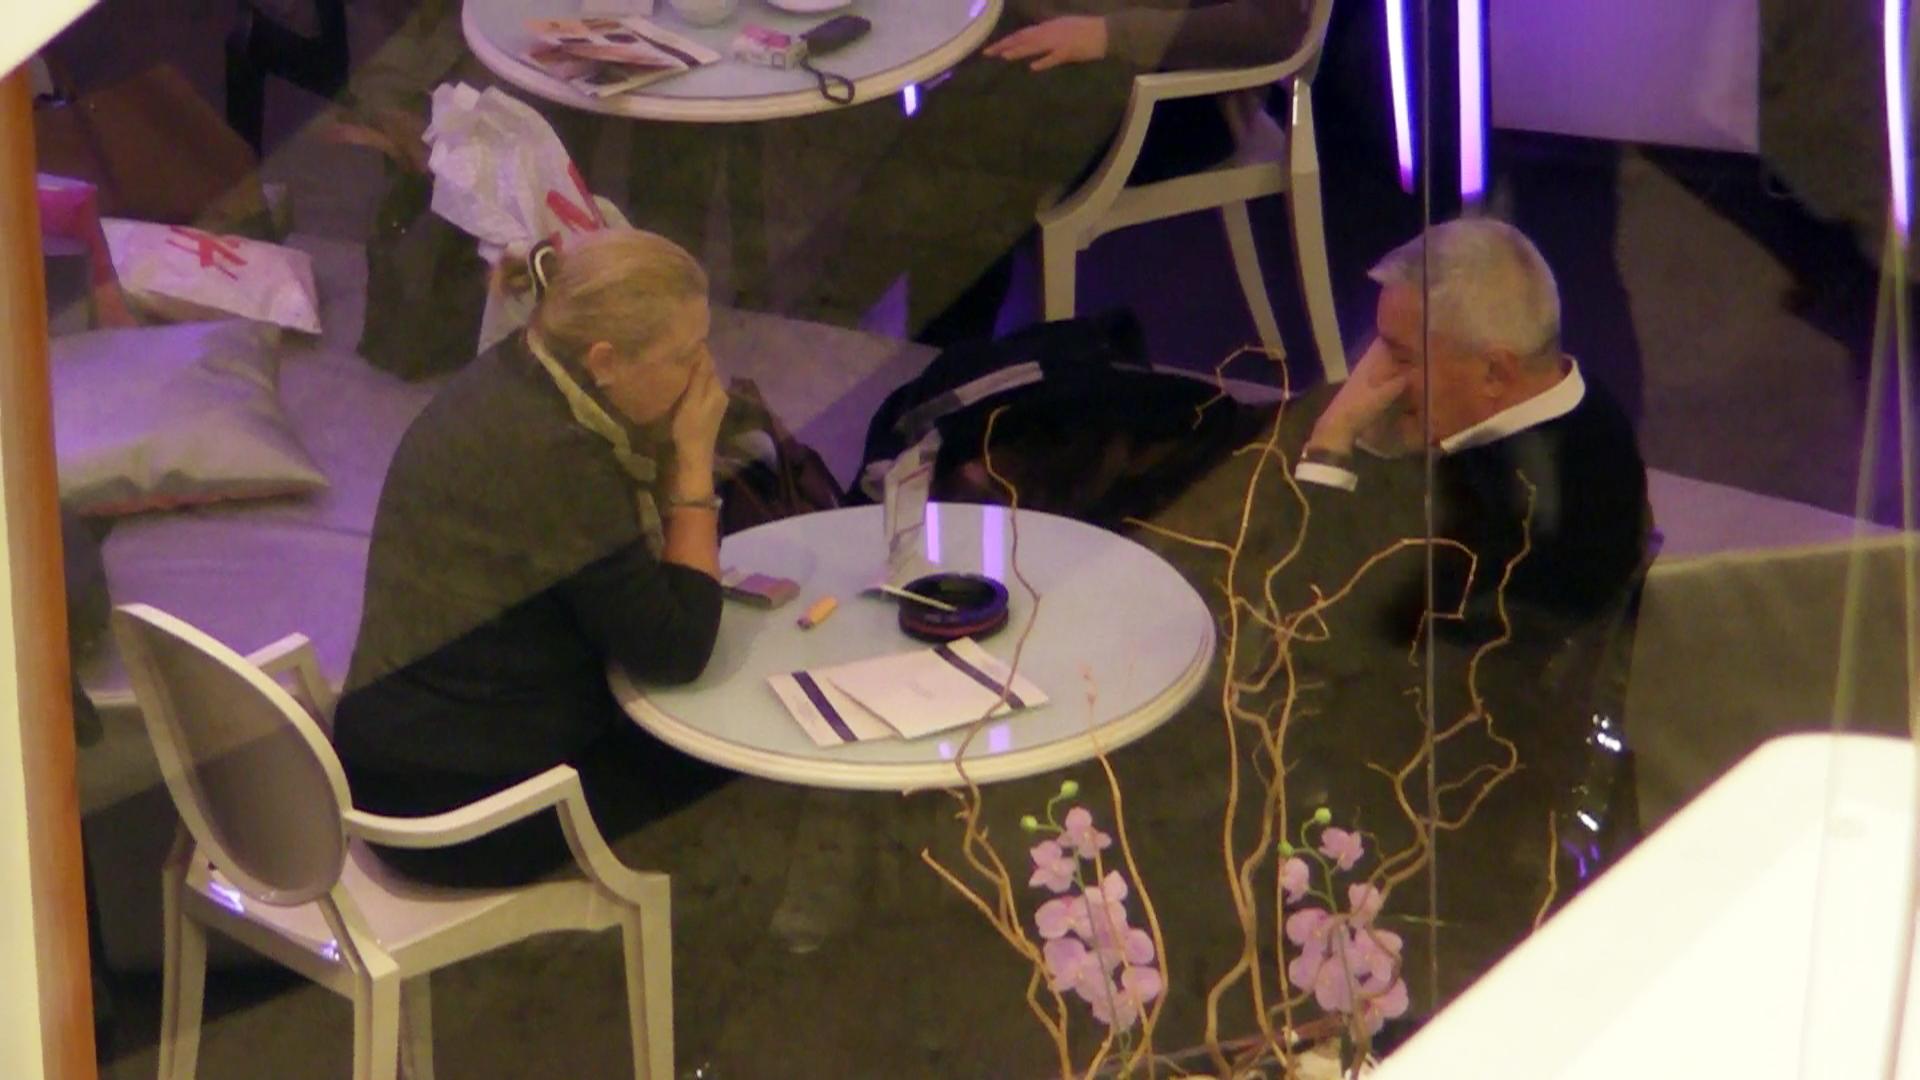 Si o scena teribila se deruleaza sub ochii celor prezenti in cafenea. Atat Micky Spaga, cat si sotia sa se angajeaza in convorbiri telefonice si amandoi tin mainile la gura, pentu a masca felul in care se misca buzele!